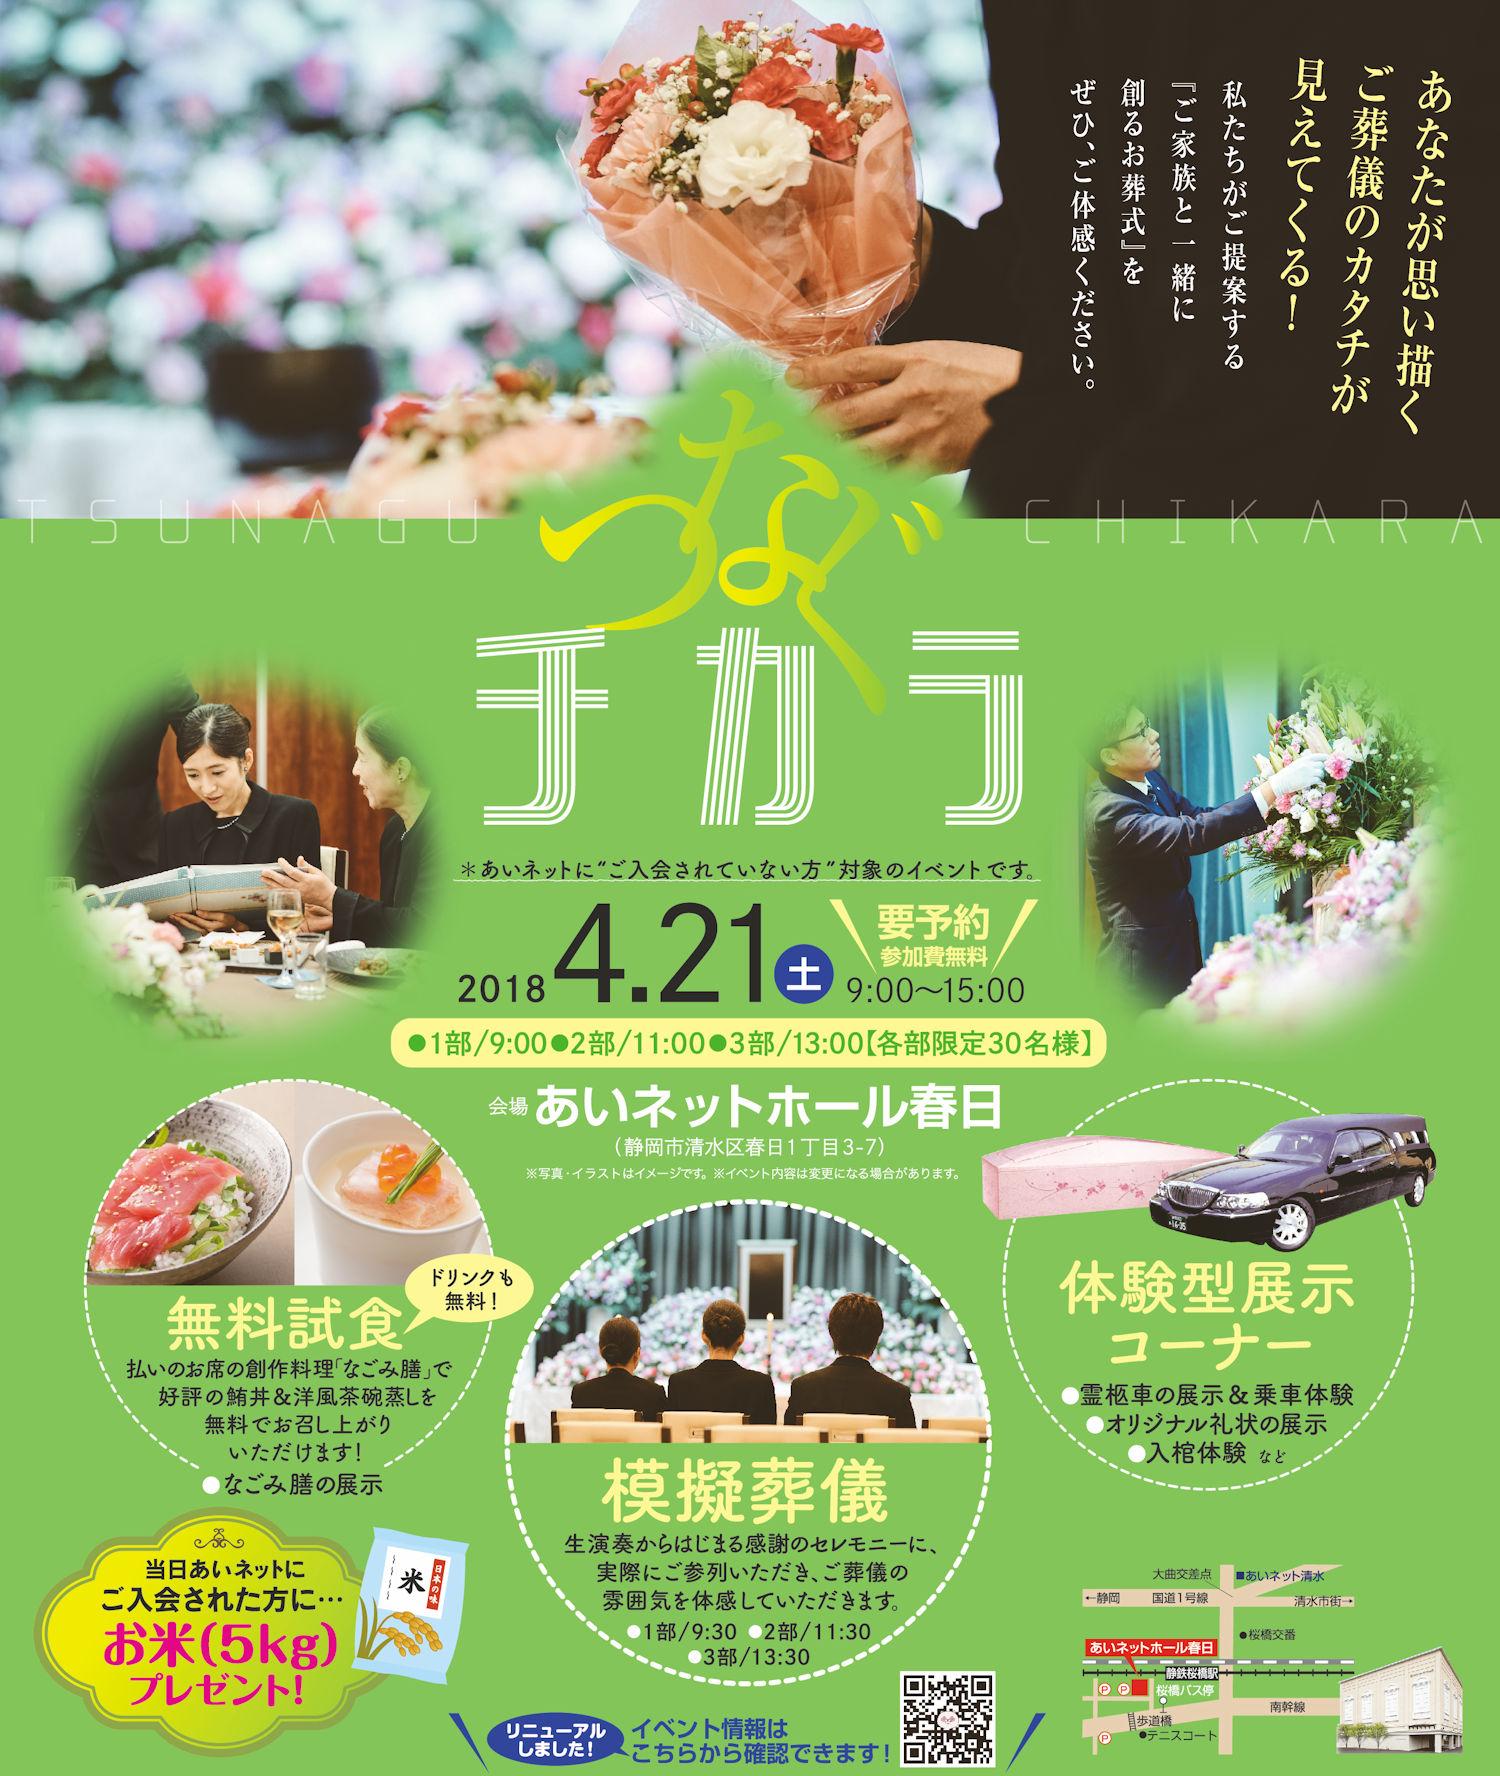 2018年4月21日(土)★☆★定員数残りわずか!体験型終活BIGイベント★☆★